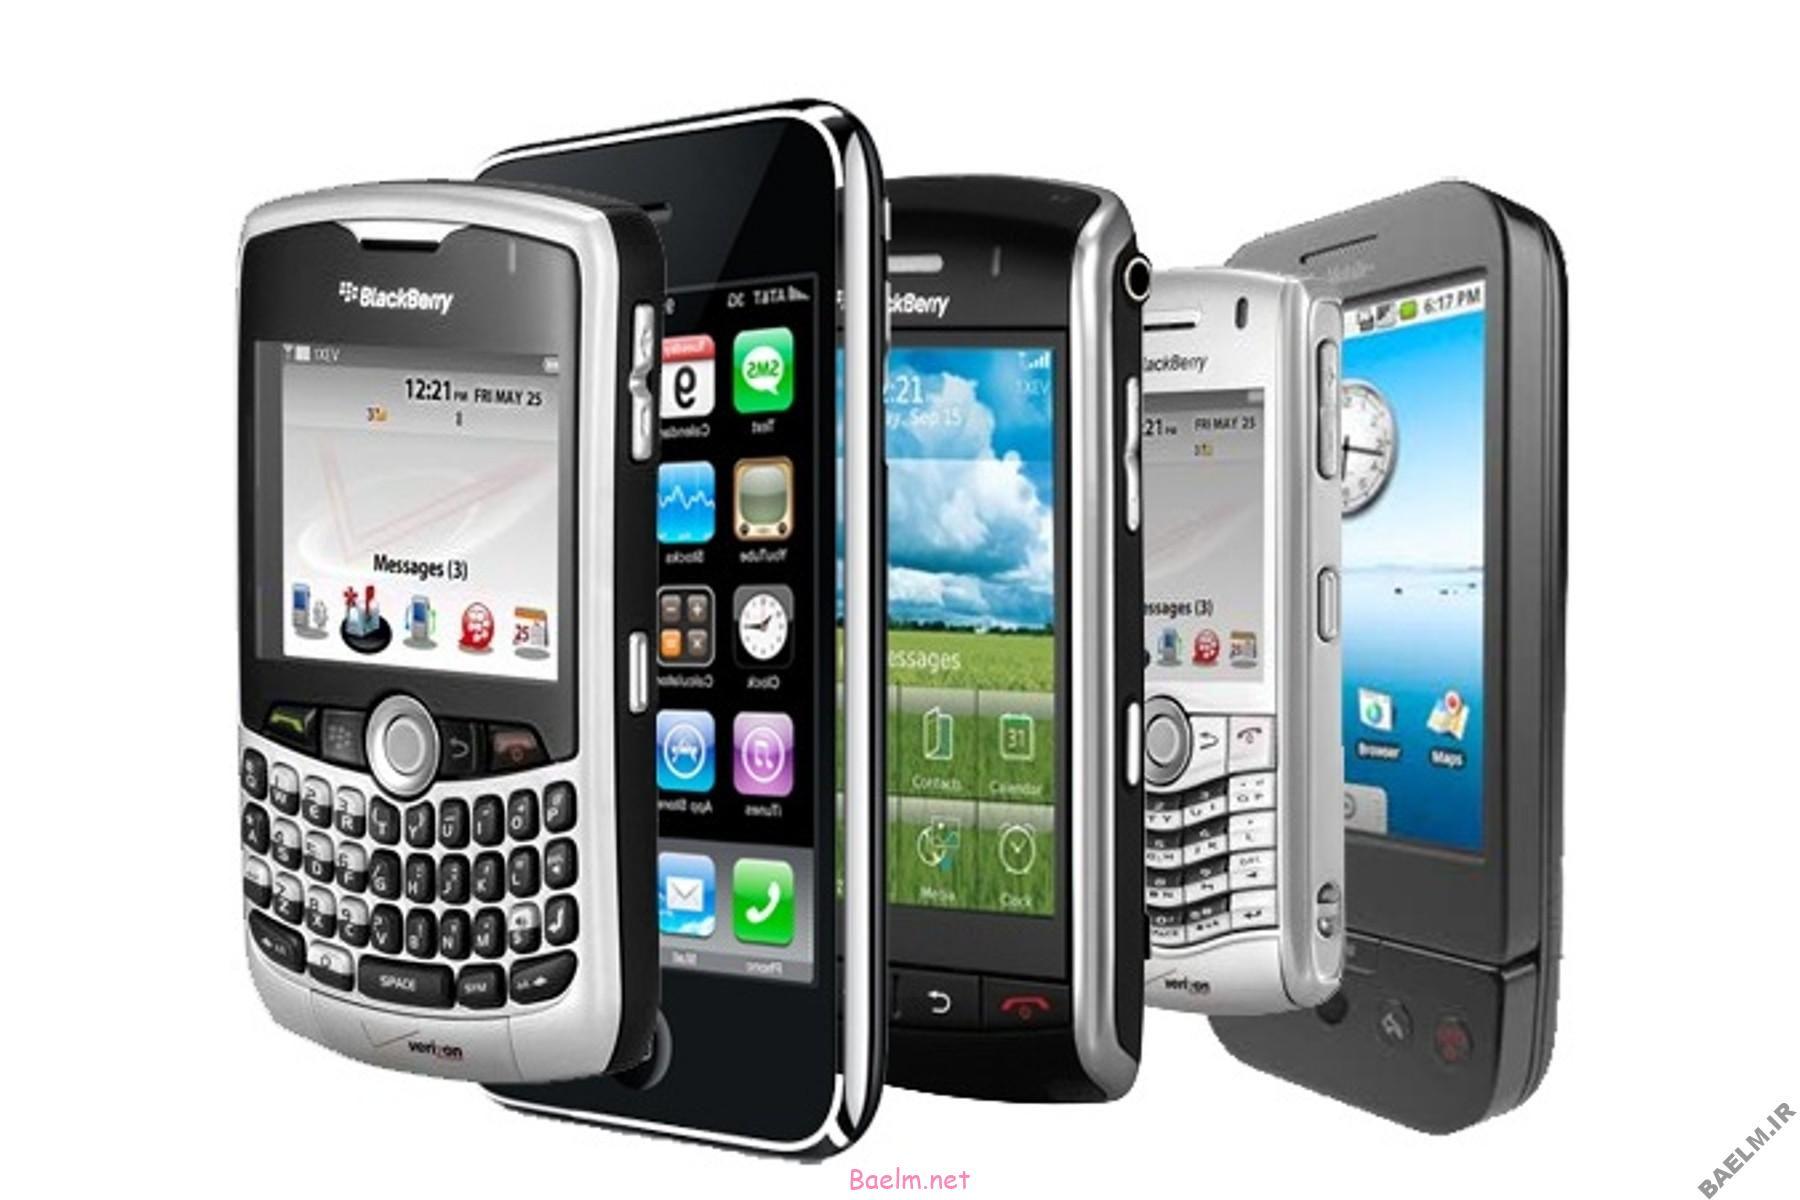 سبک زندگی | قیمت انواع موبایل در بازار